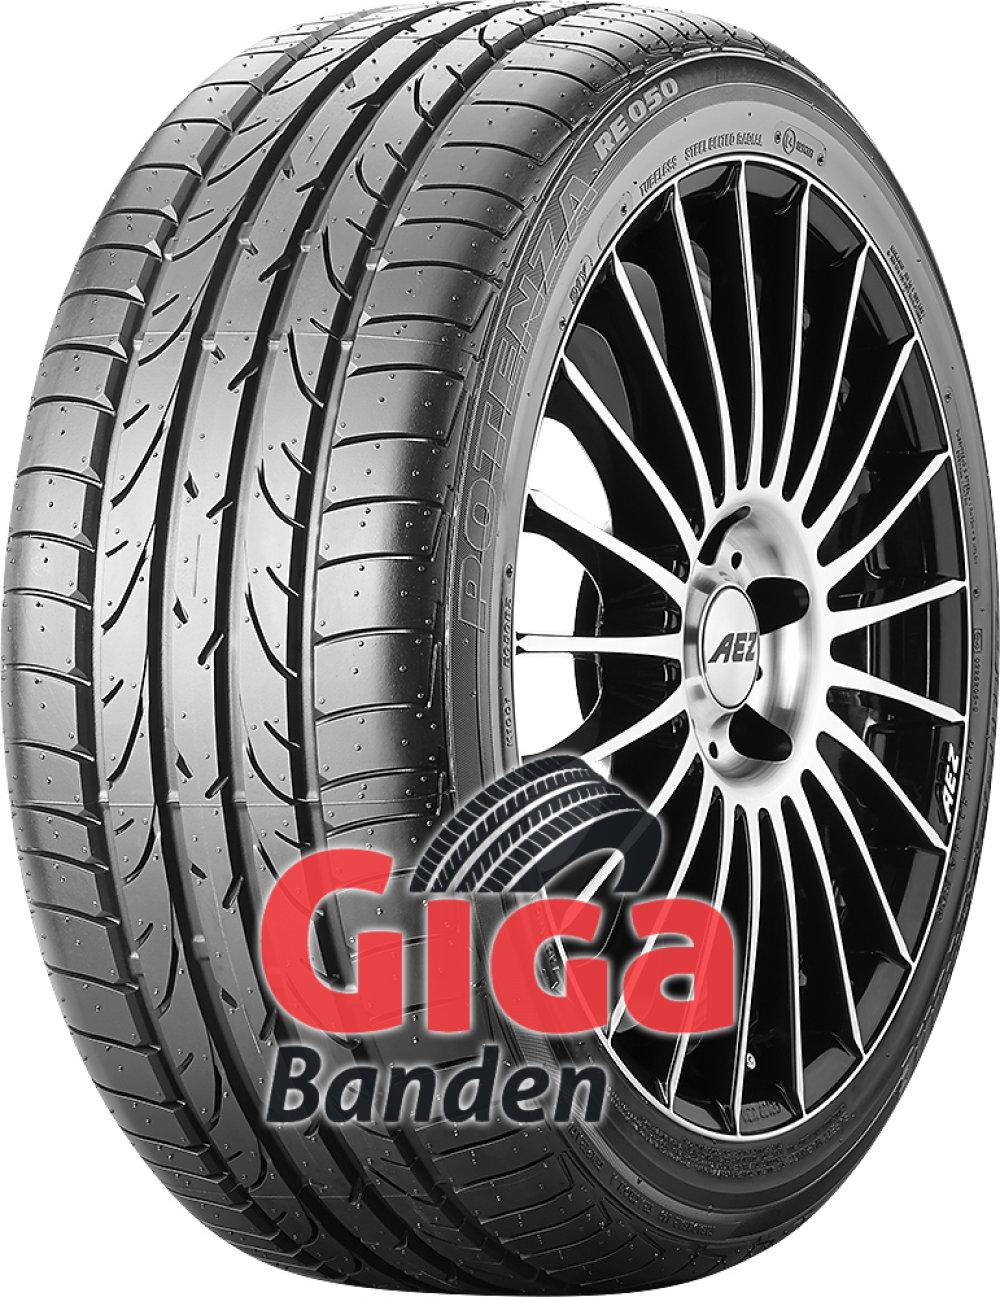 Bridgestone Potenza RE 050 RFT ( 225/50 R17 94Y *, met velgrandbescherming (MFS), runflat )